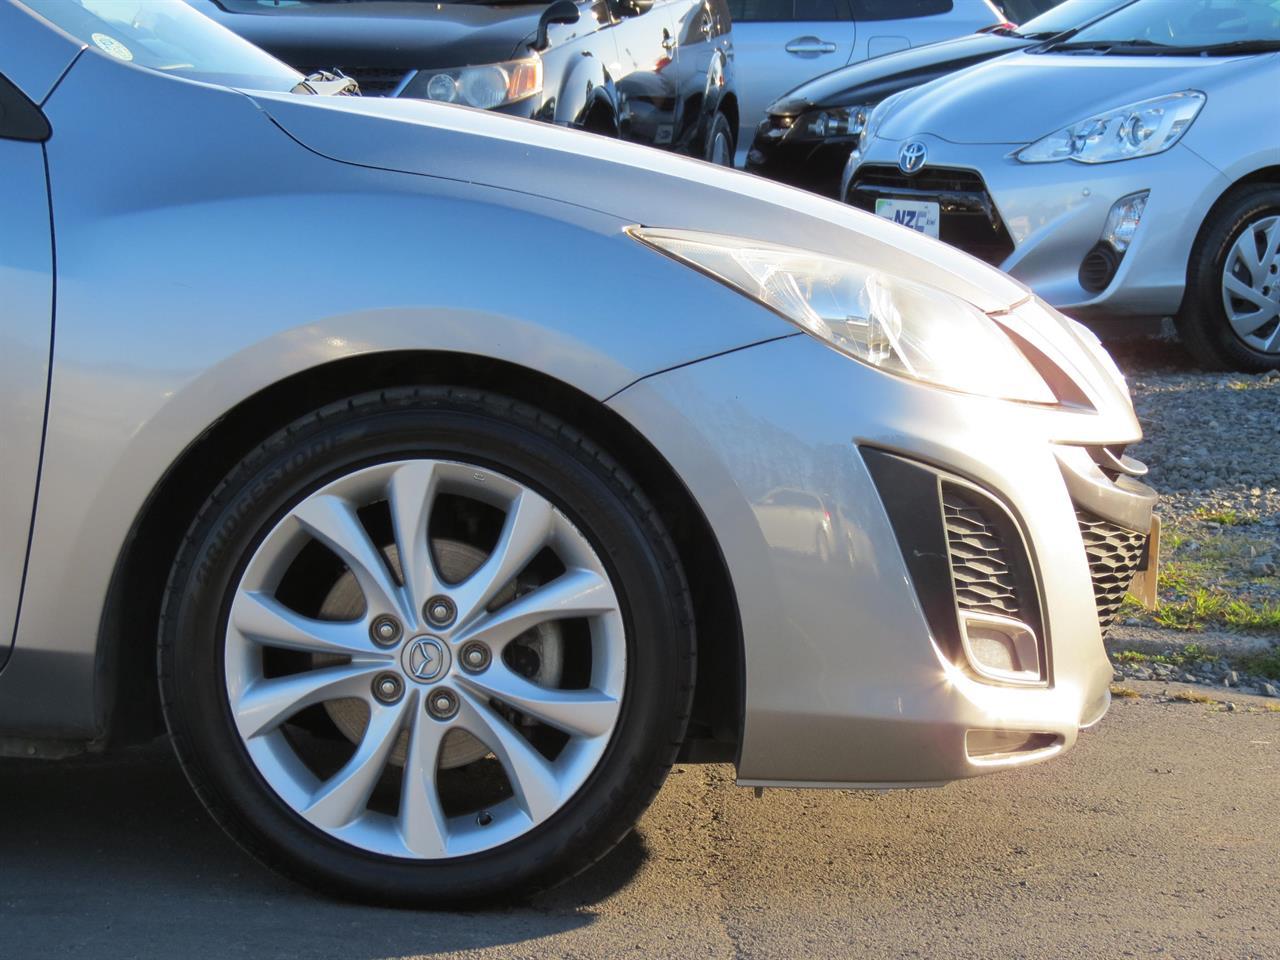 2010 Mazda Axela   only $35 weekly